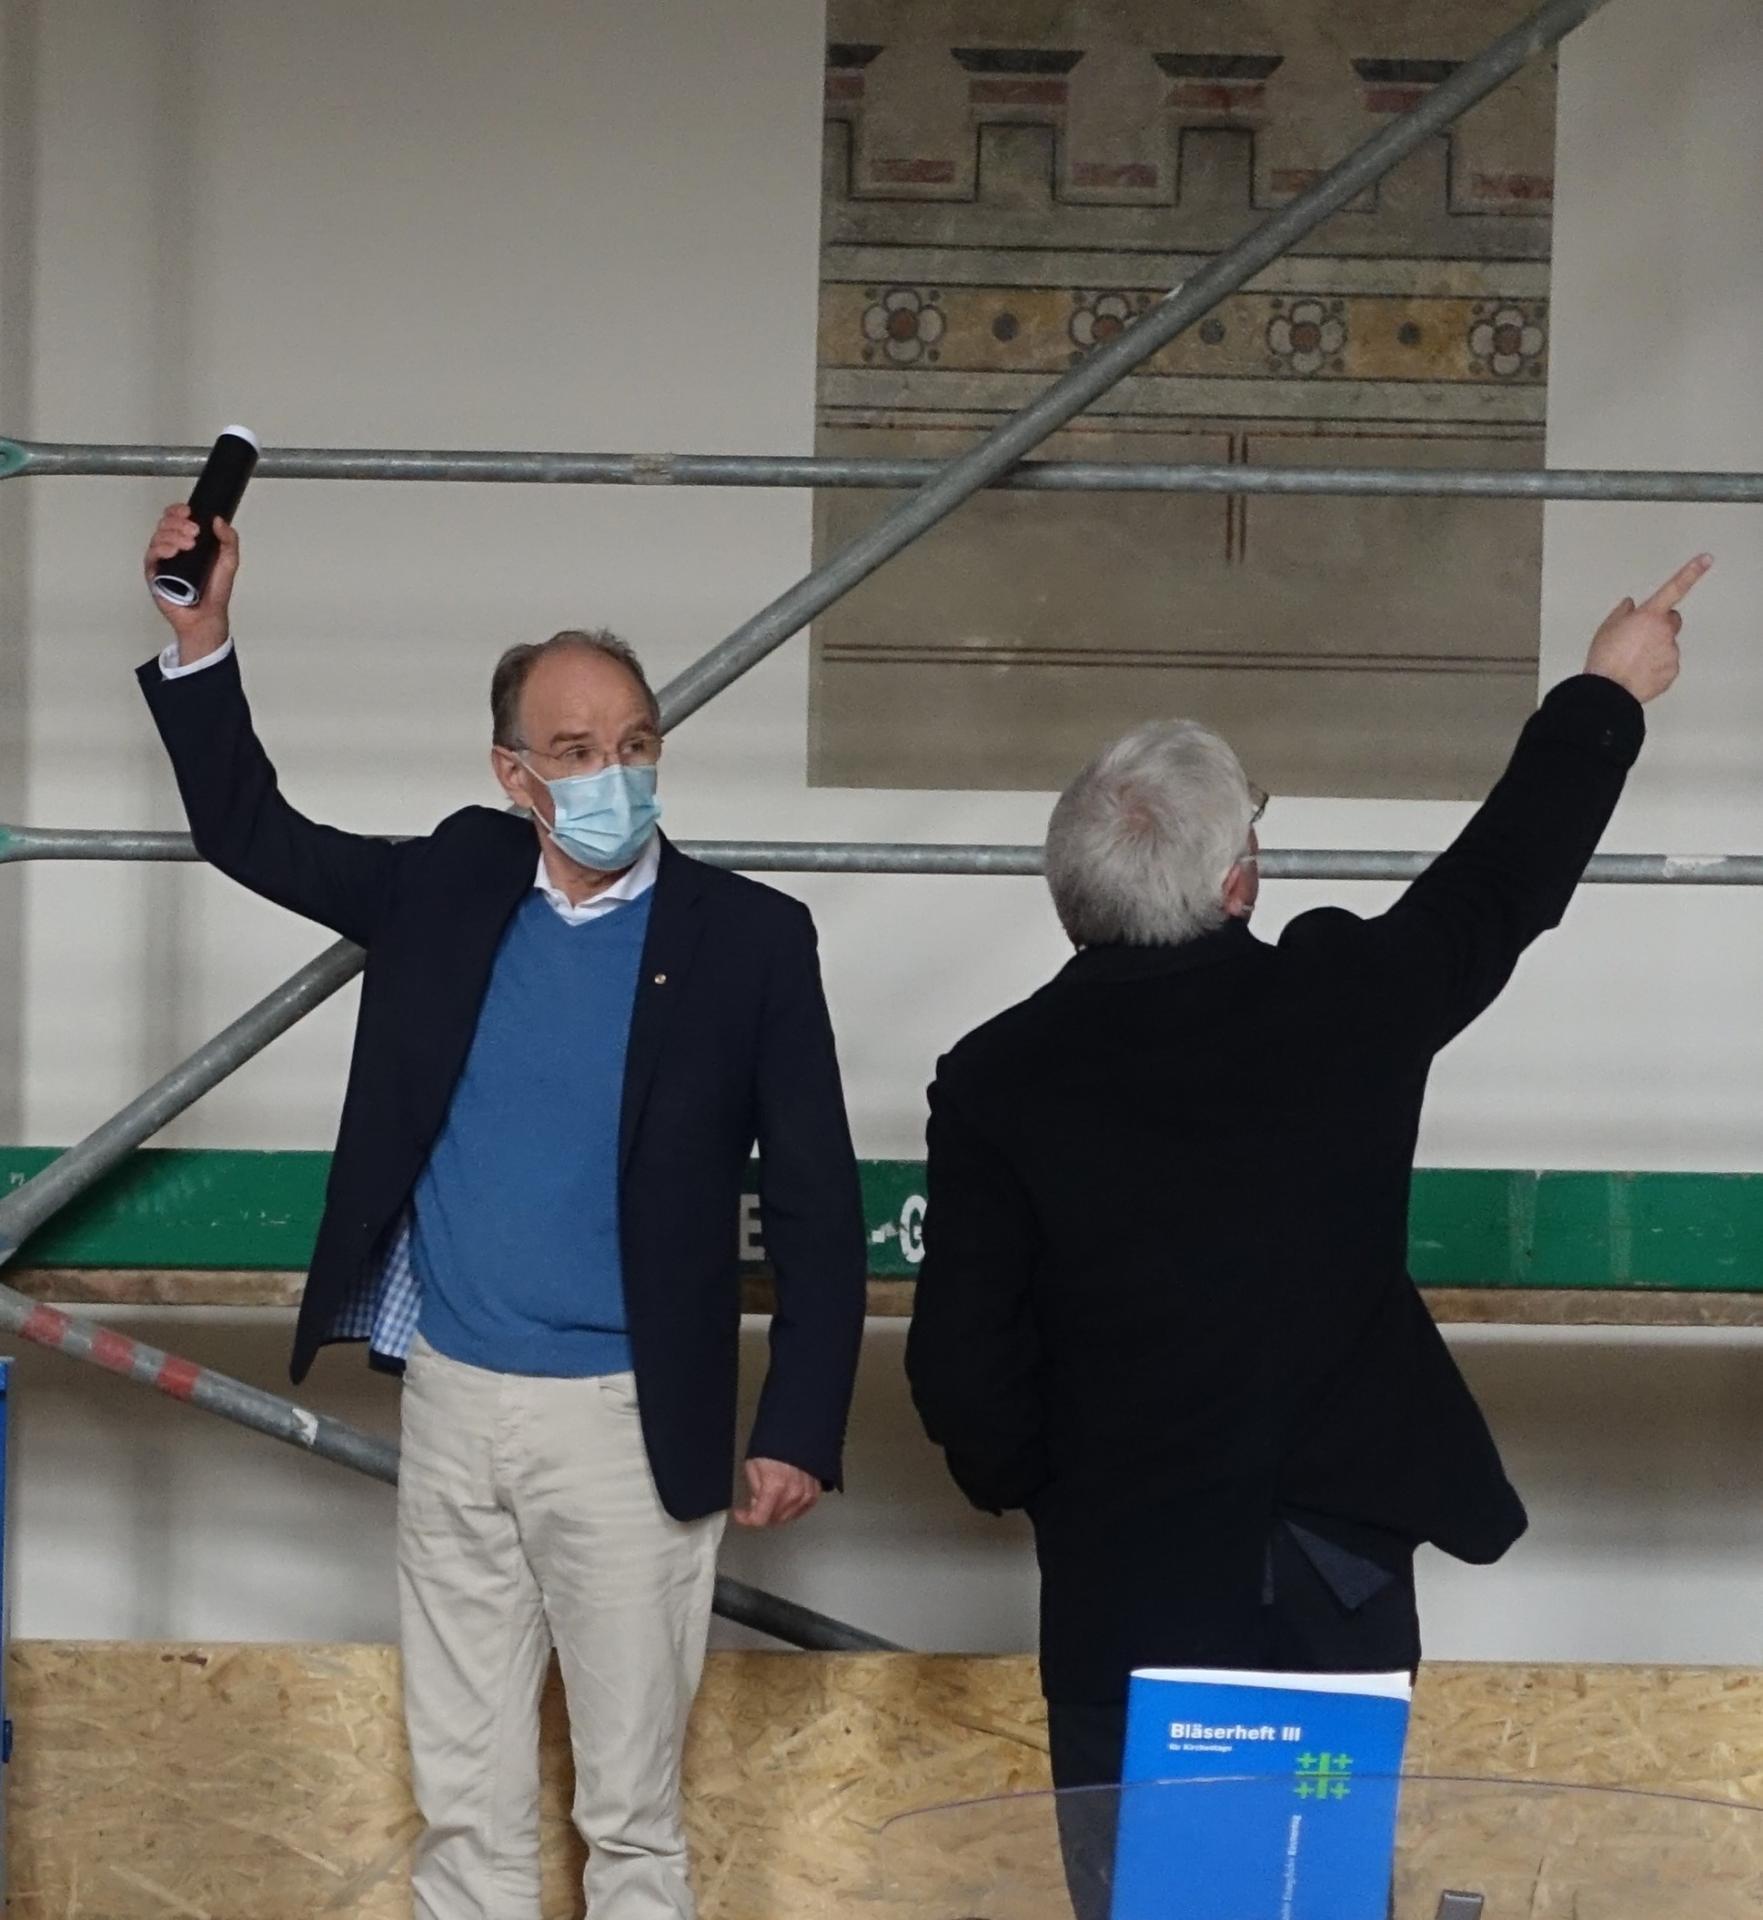 """Landesbischof Ralf Meister und Superintendent Jan von Lingen zeigen die unterschiedlichen Richtungen """"in Kirche"""" auf."""